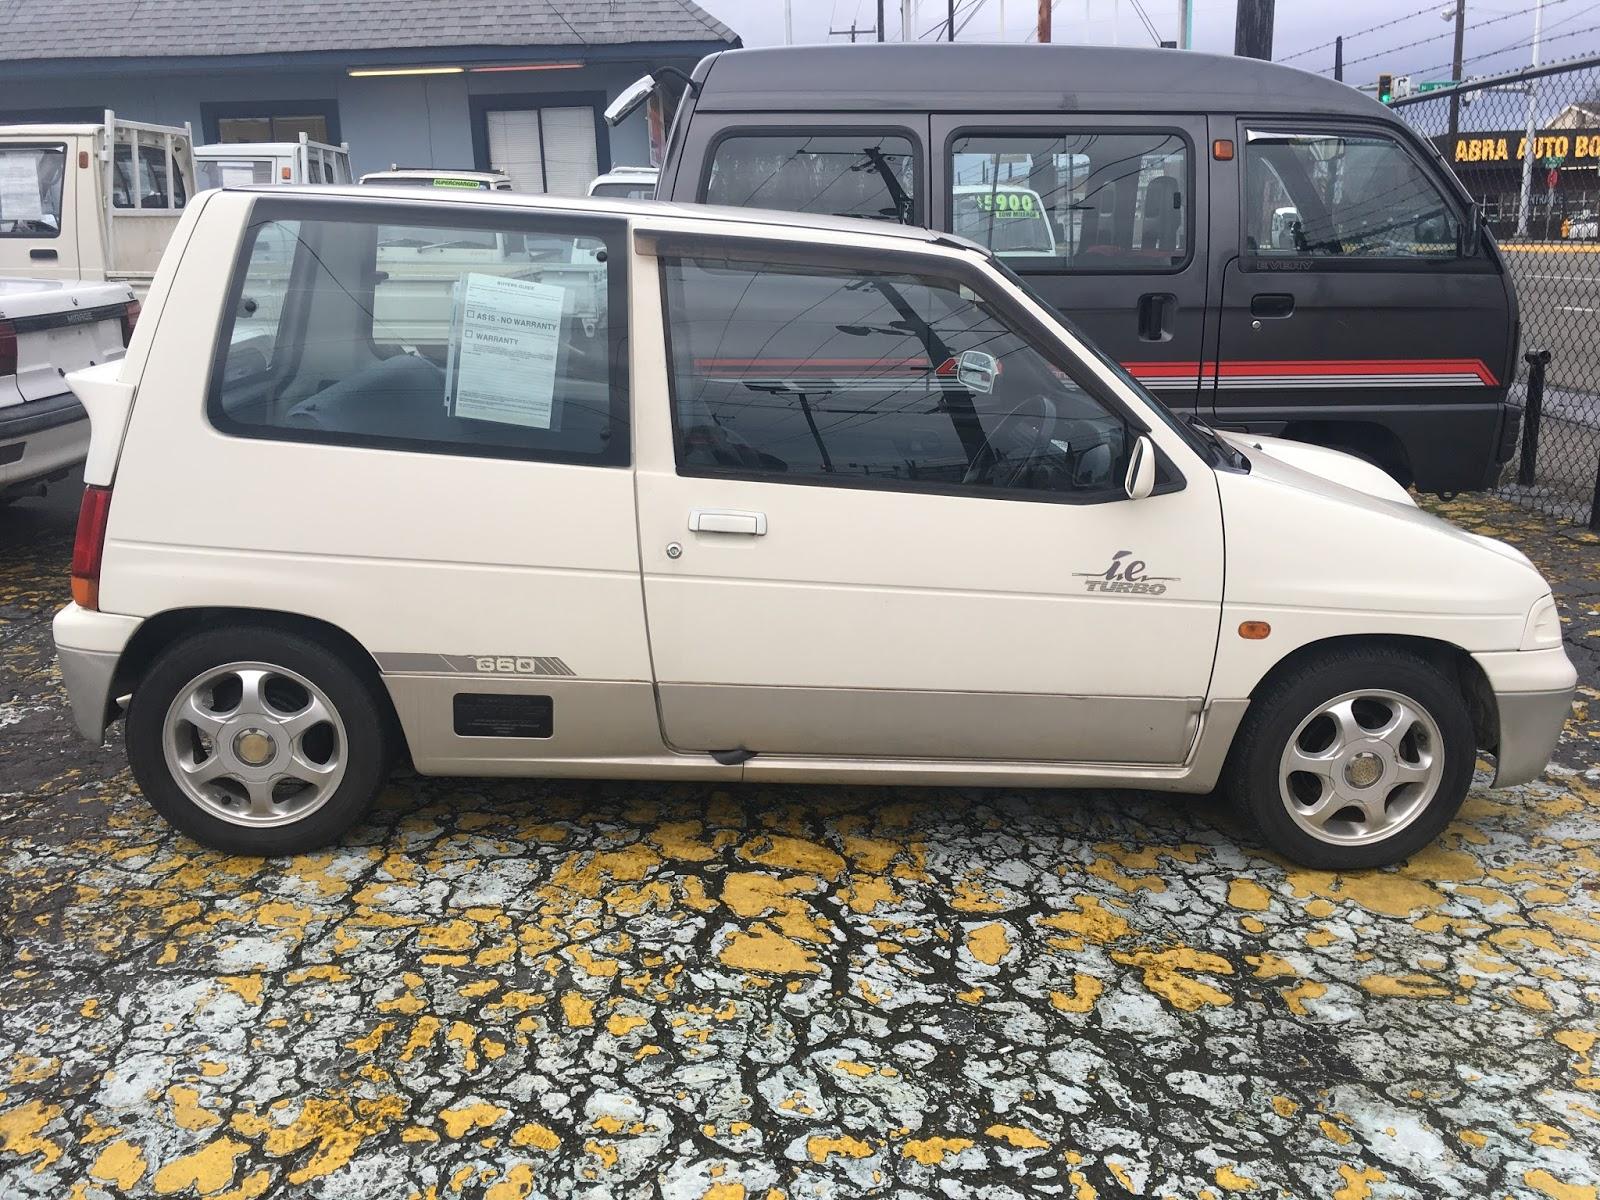 Seattle\'s Old Cars: 1990 Suzuki Alto Works